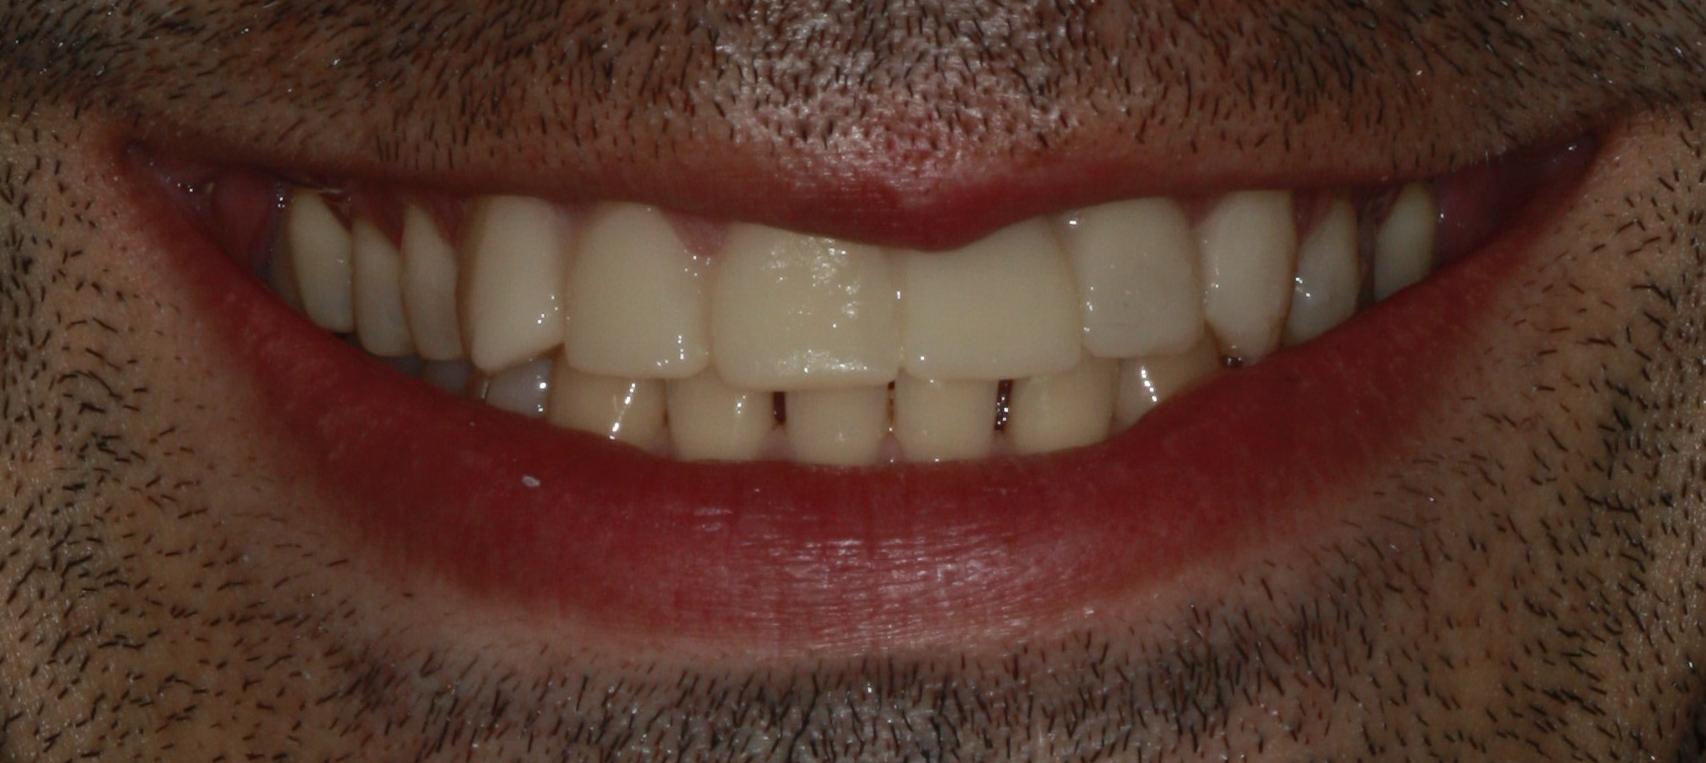 Dental Implants Crown After